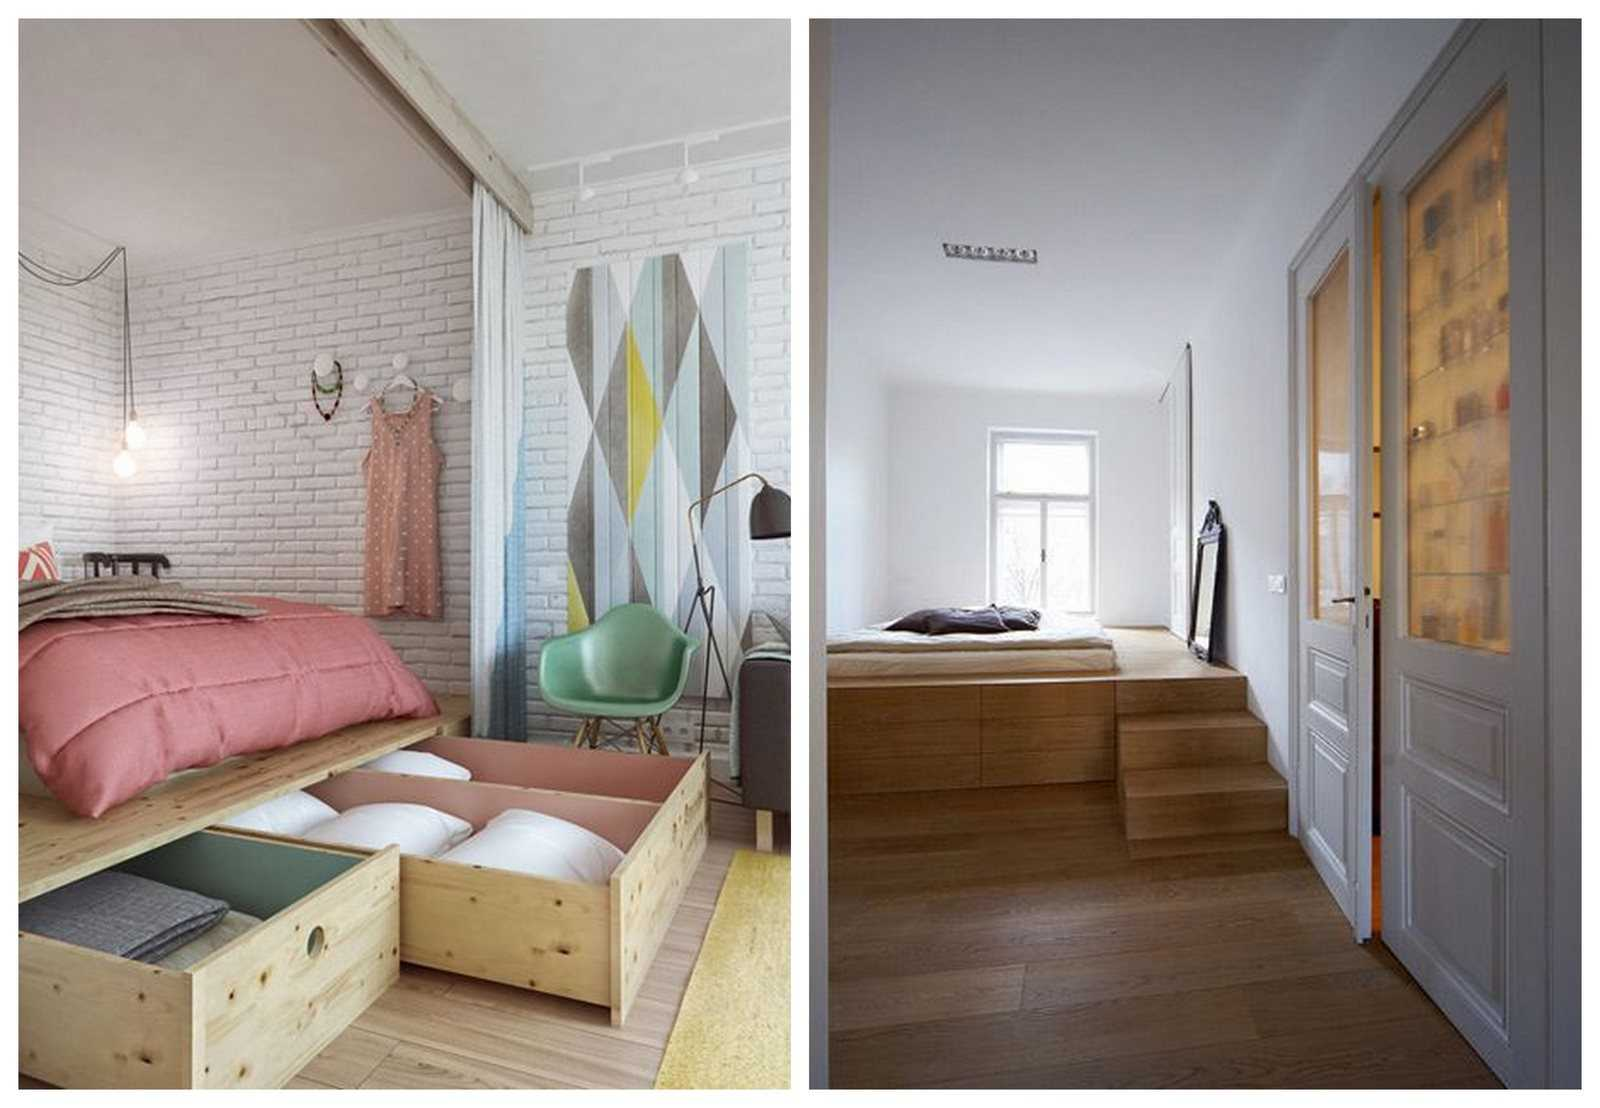 id e d co une estrade pour structurer et d limiter l 39 espace une hirondelle dans les tiroirs. Black Bedroom Furniture Sets. Home Design Ideas